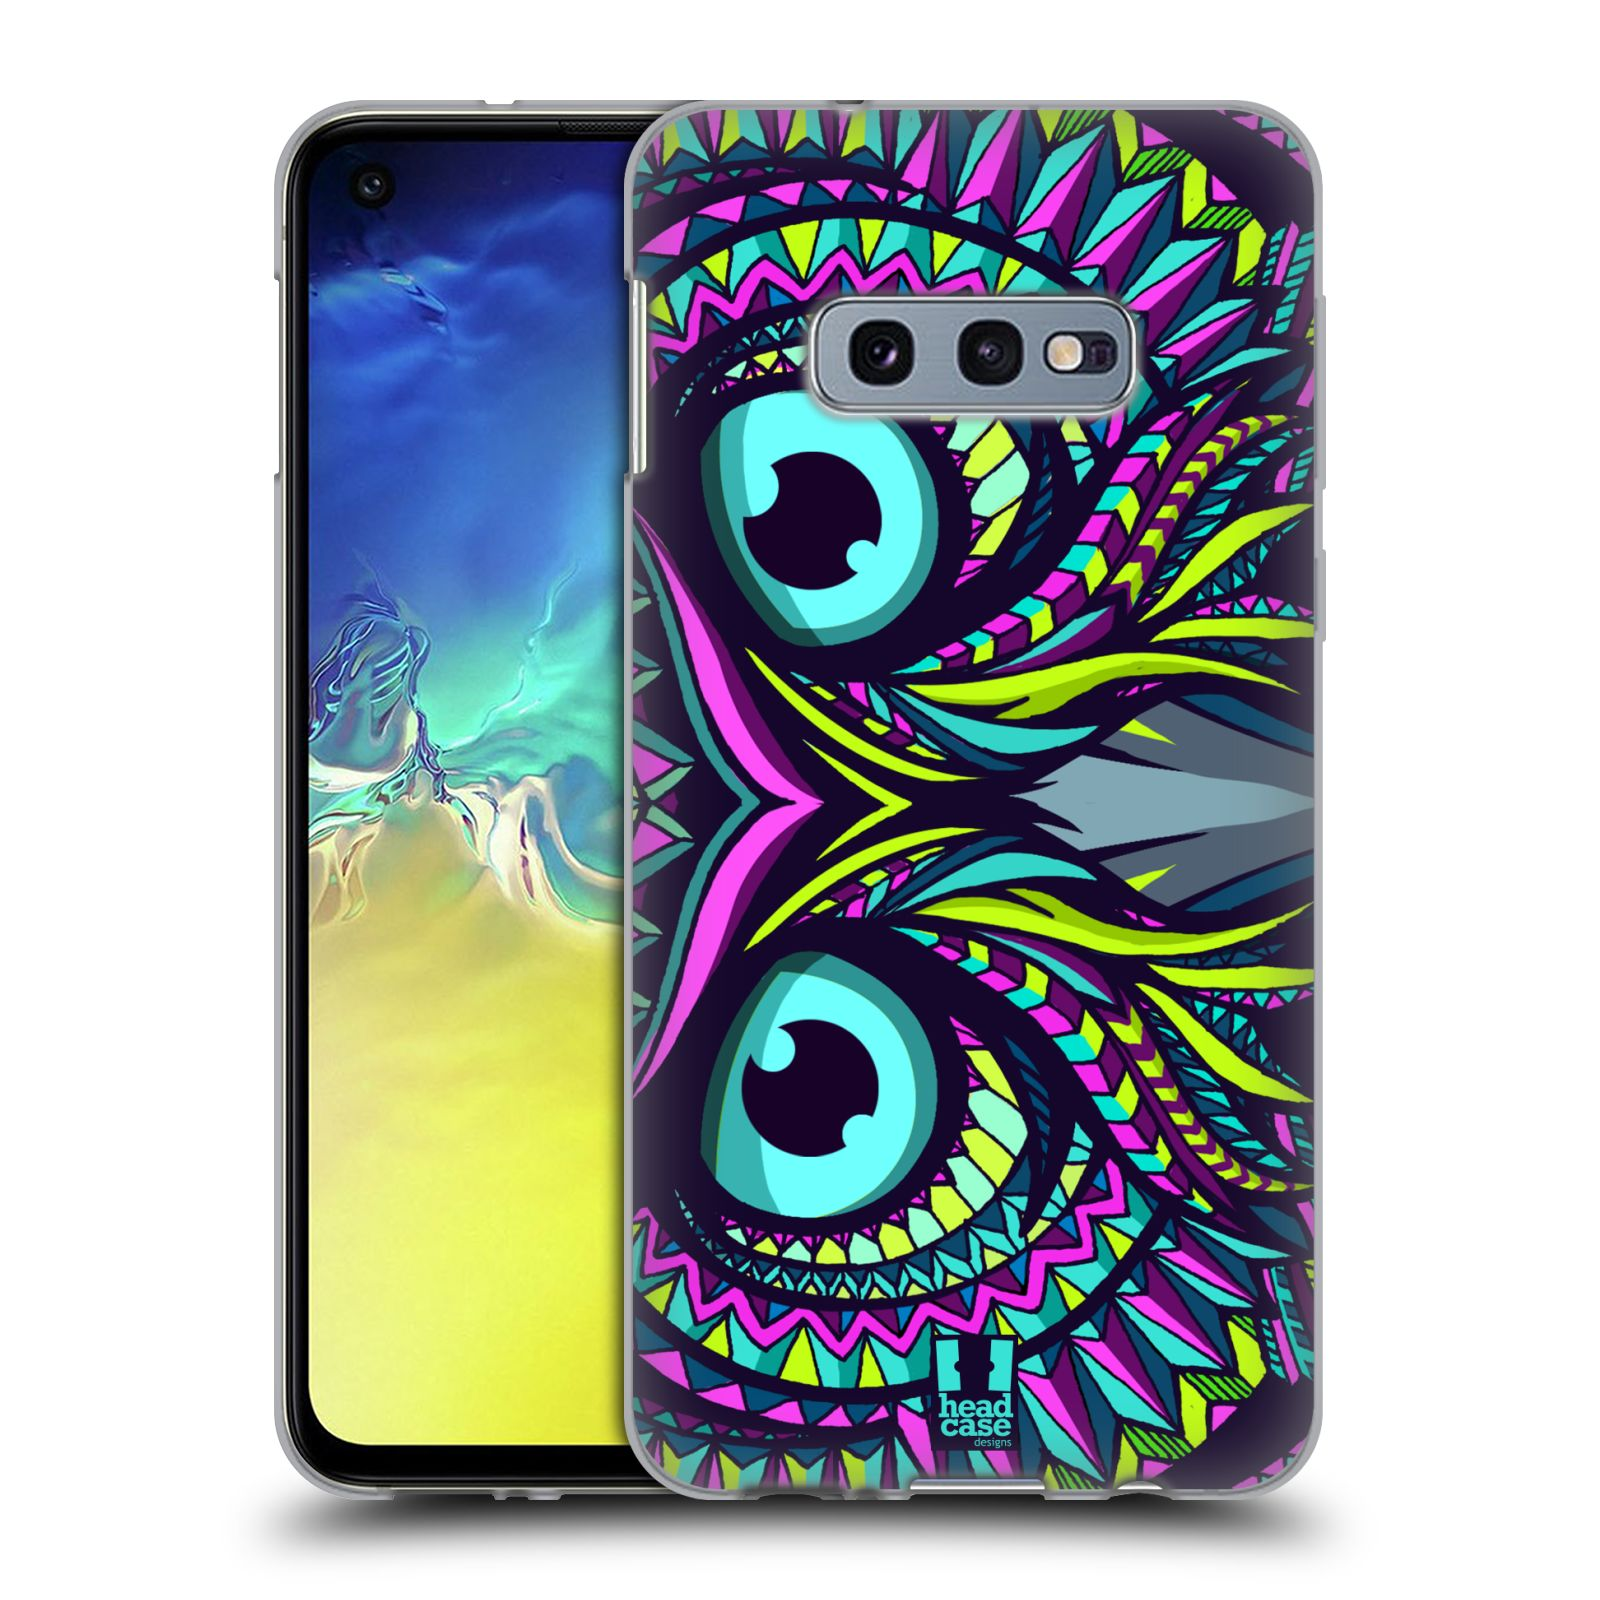 Silikonové pouzdro na mobil Samsung Galaxy S10e - Head Case - AZTEC SOVA